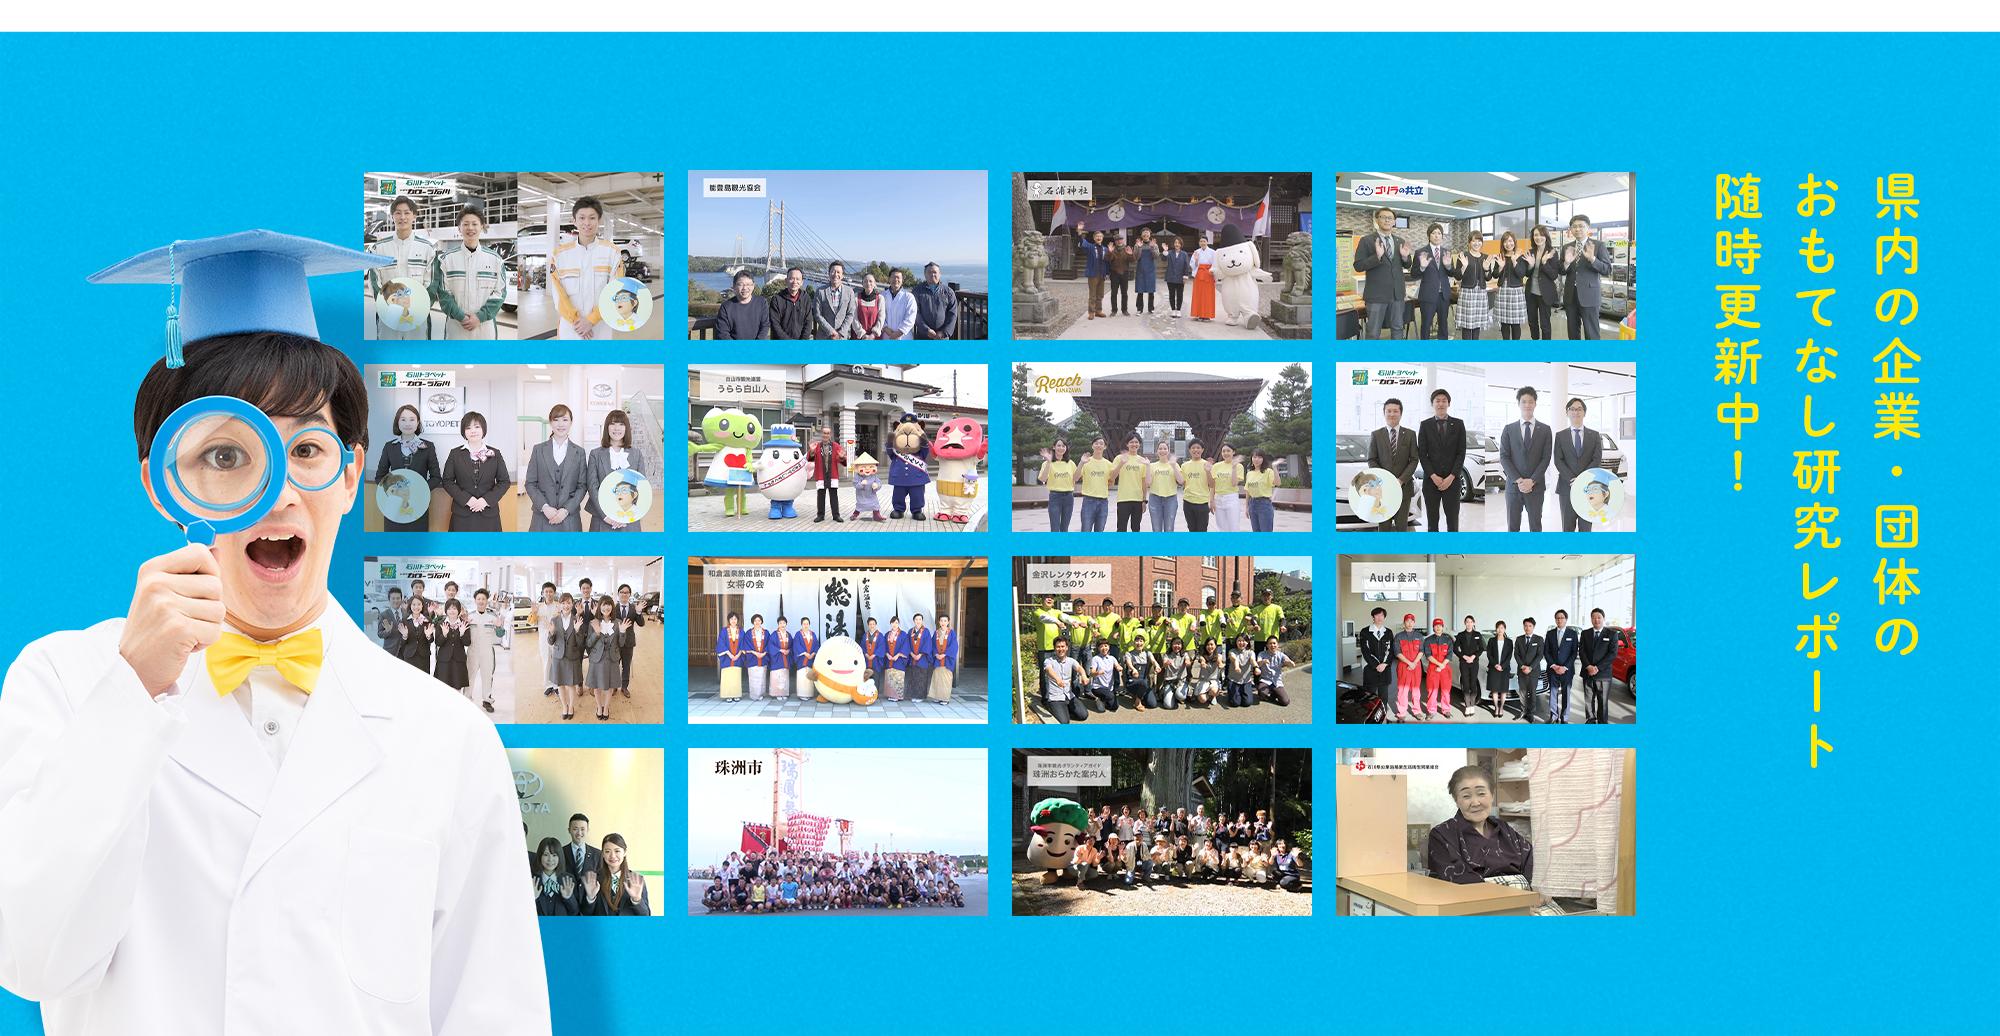 石川県の企業団体のおもてなし活動をCM・動画で配信「おもてなし研究レポート」